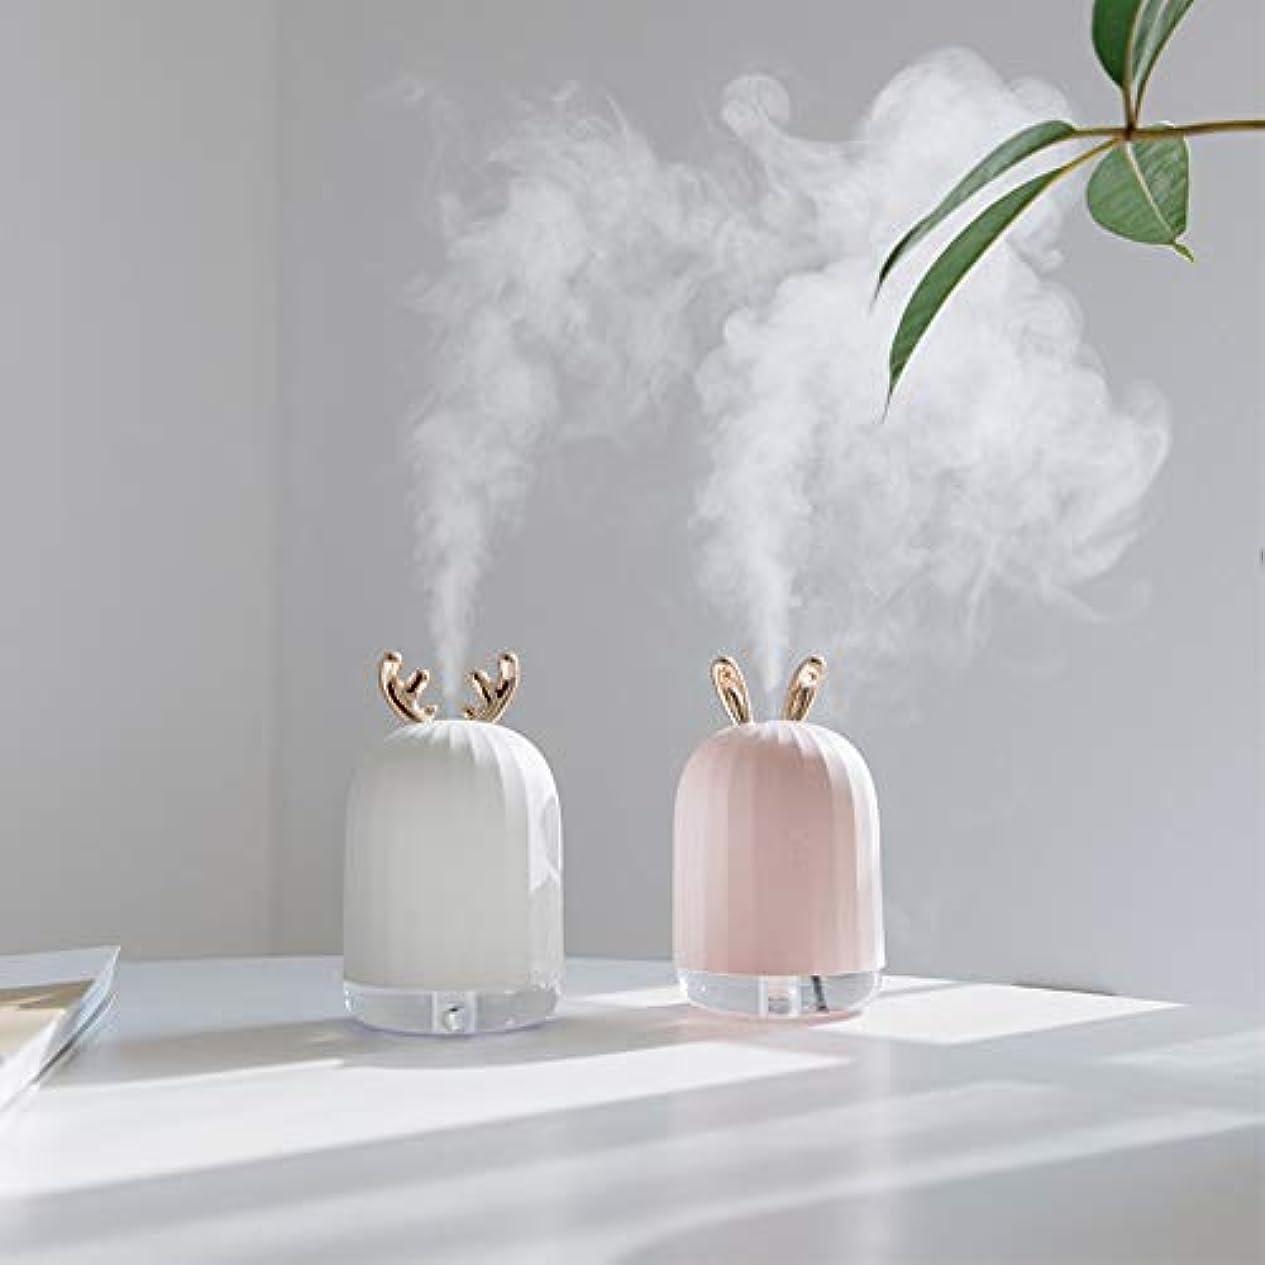 マイクロフォンマルコポーロ品揃えZXF LED水蒸気顔加湿器usb充電ナノスプレーカラフルな雰囲気ライトホワイトアントラーズピンクうさぎモデルでクリエイティブ美容水和機器コールドスプレークリエイティブ 滑らかである (色 : White)